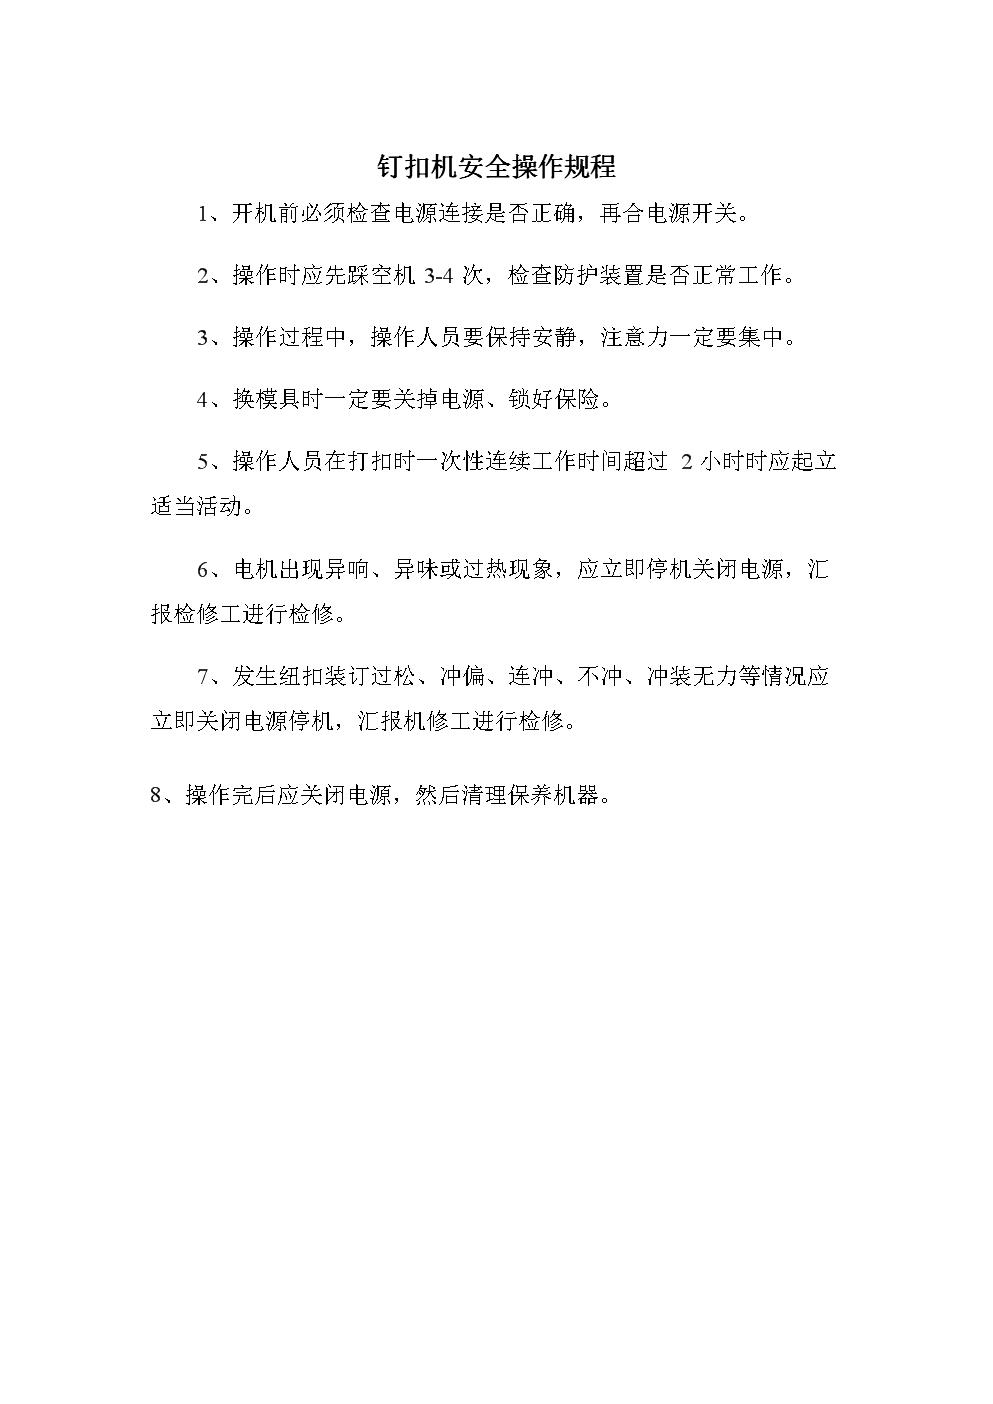 韩泰操作规程汇编.docx